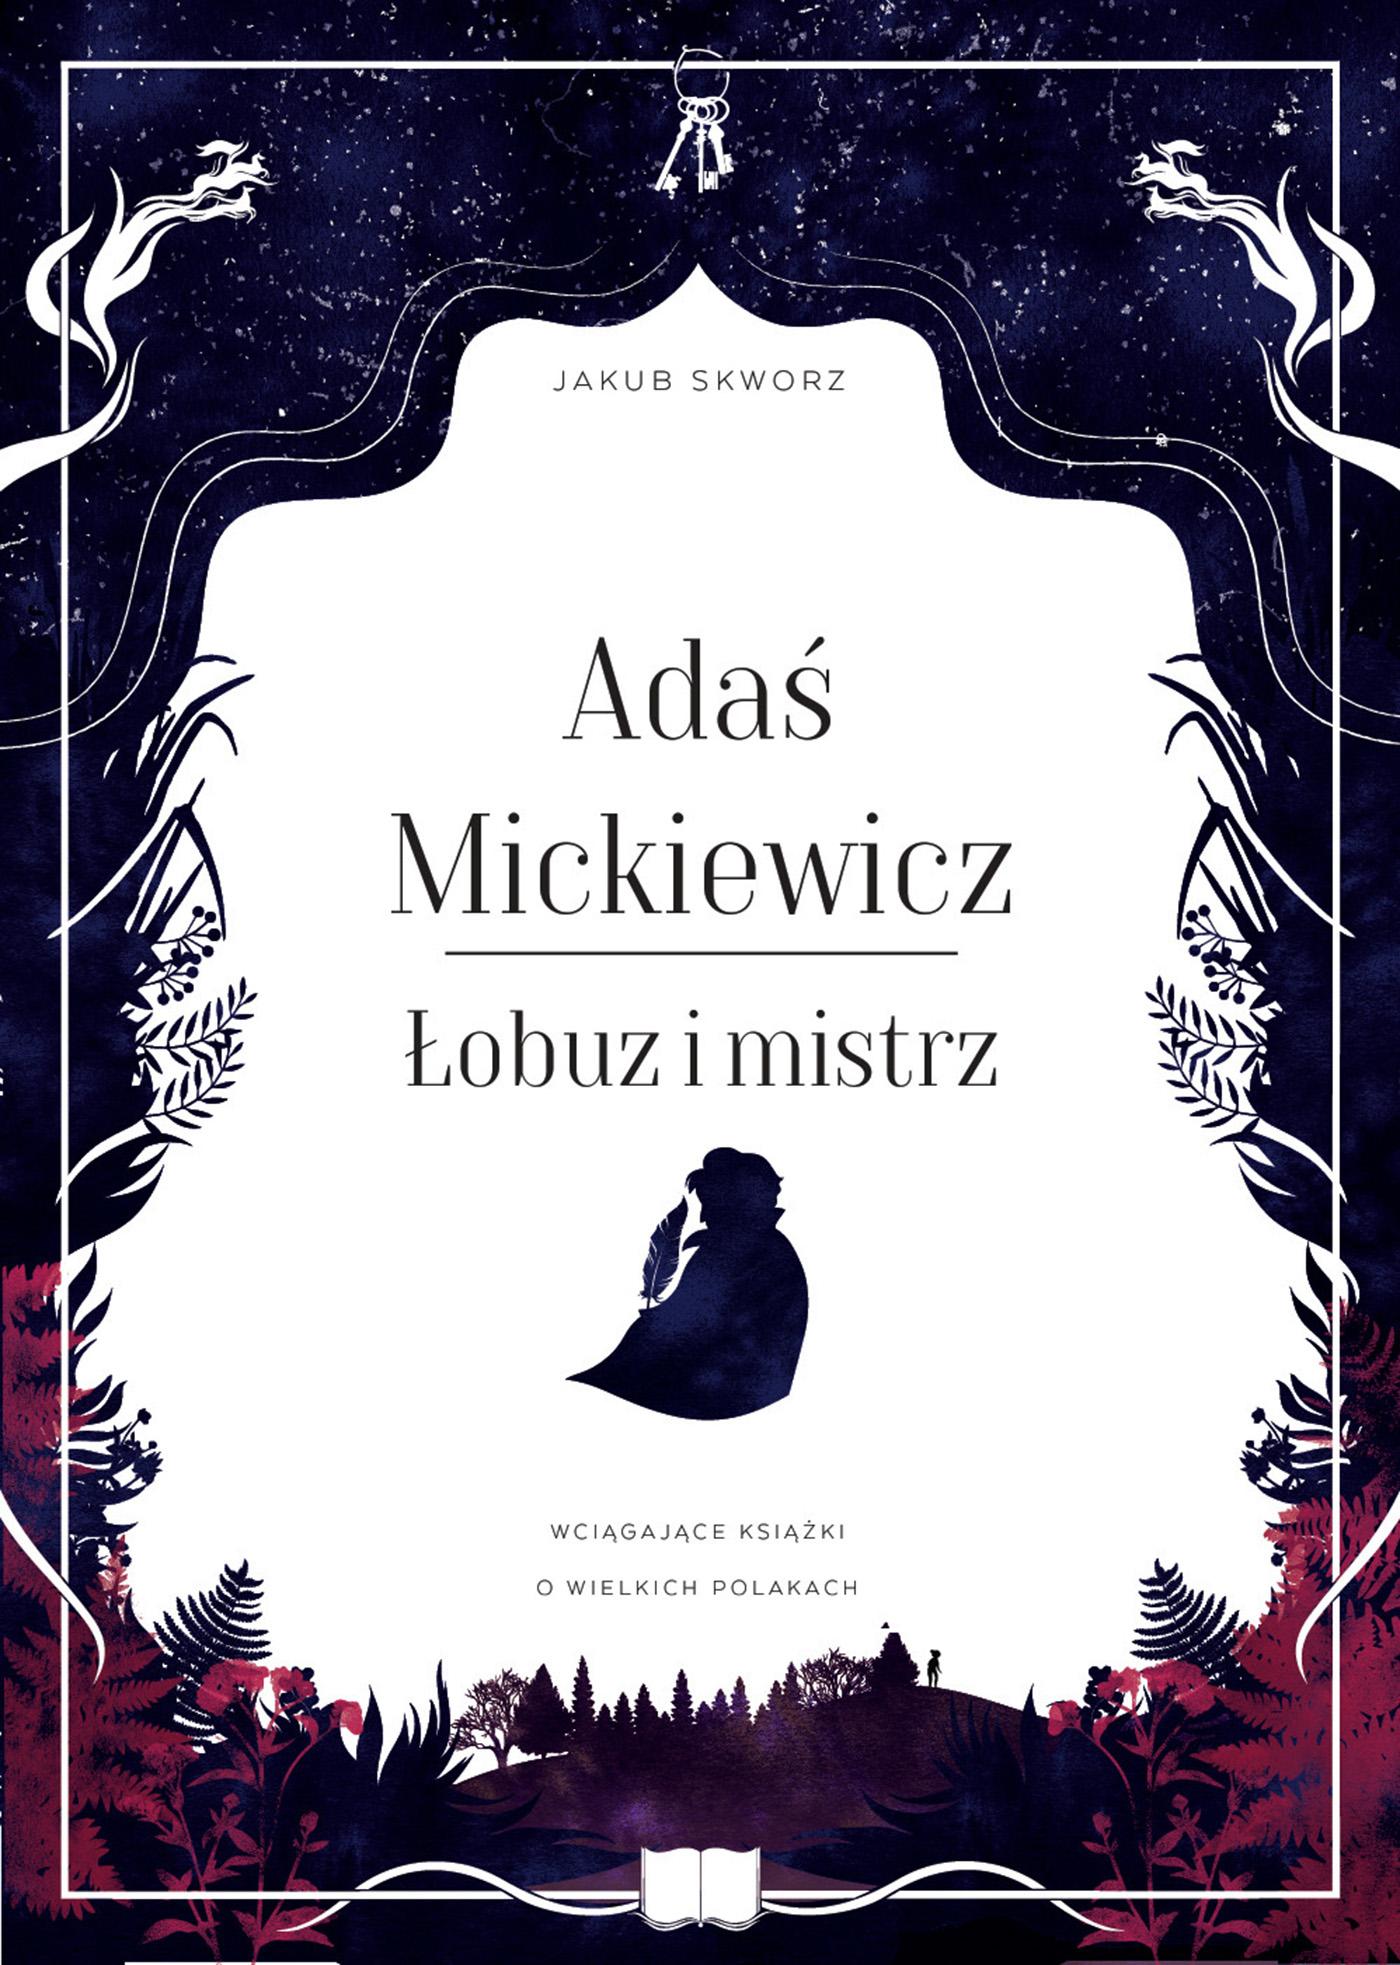 """Jakub Skworz, """"Adaś Mickiewicz – Łobuz i mistrz"""" (źródło: materiały prasowe wydawnictwa)"""